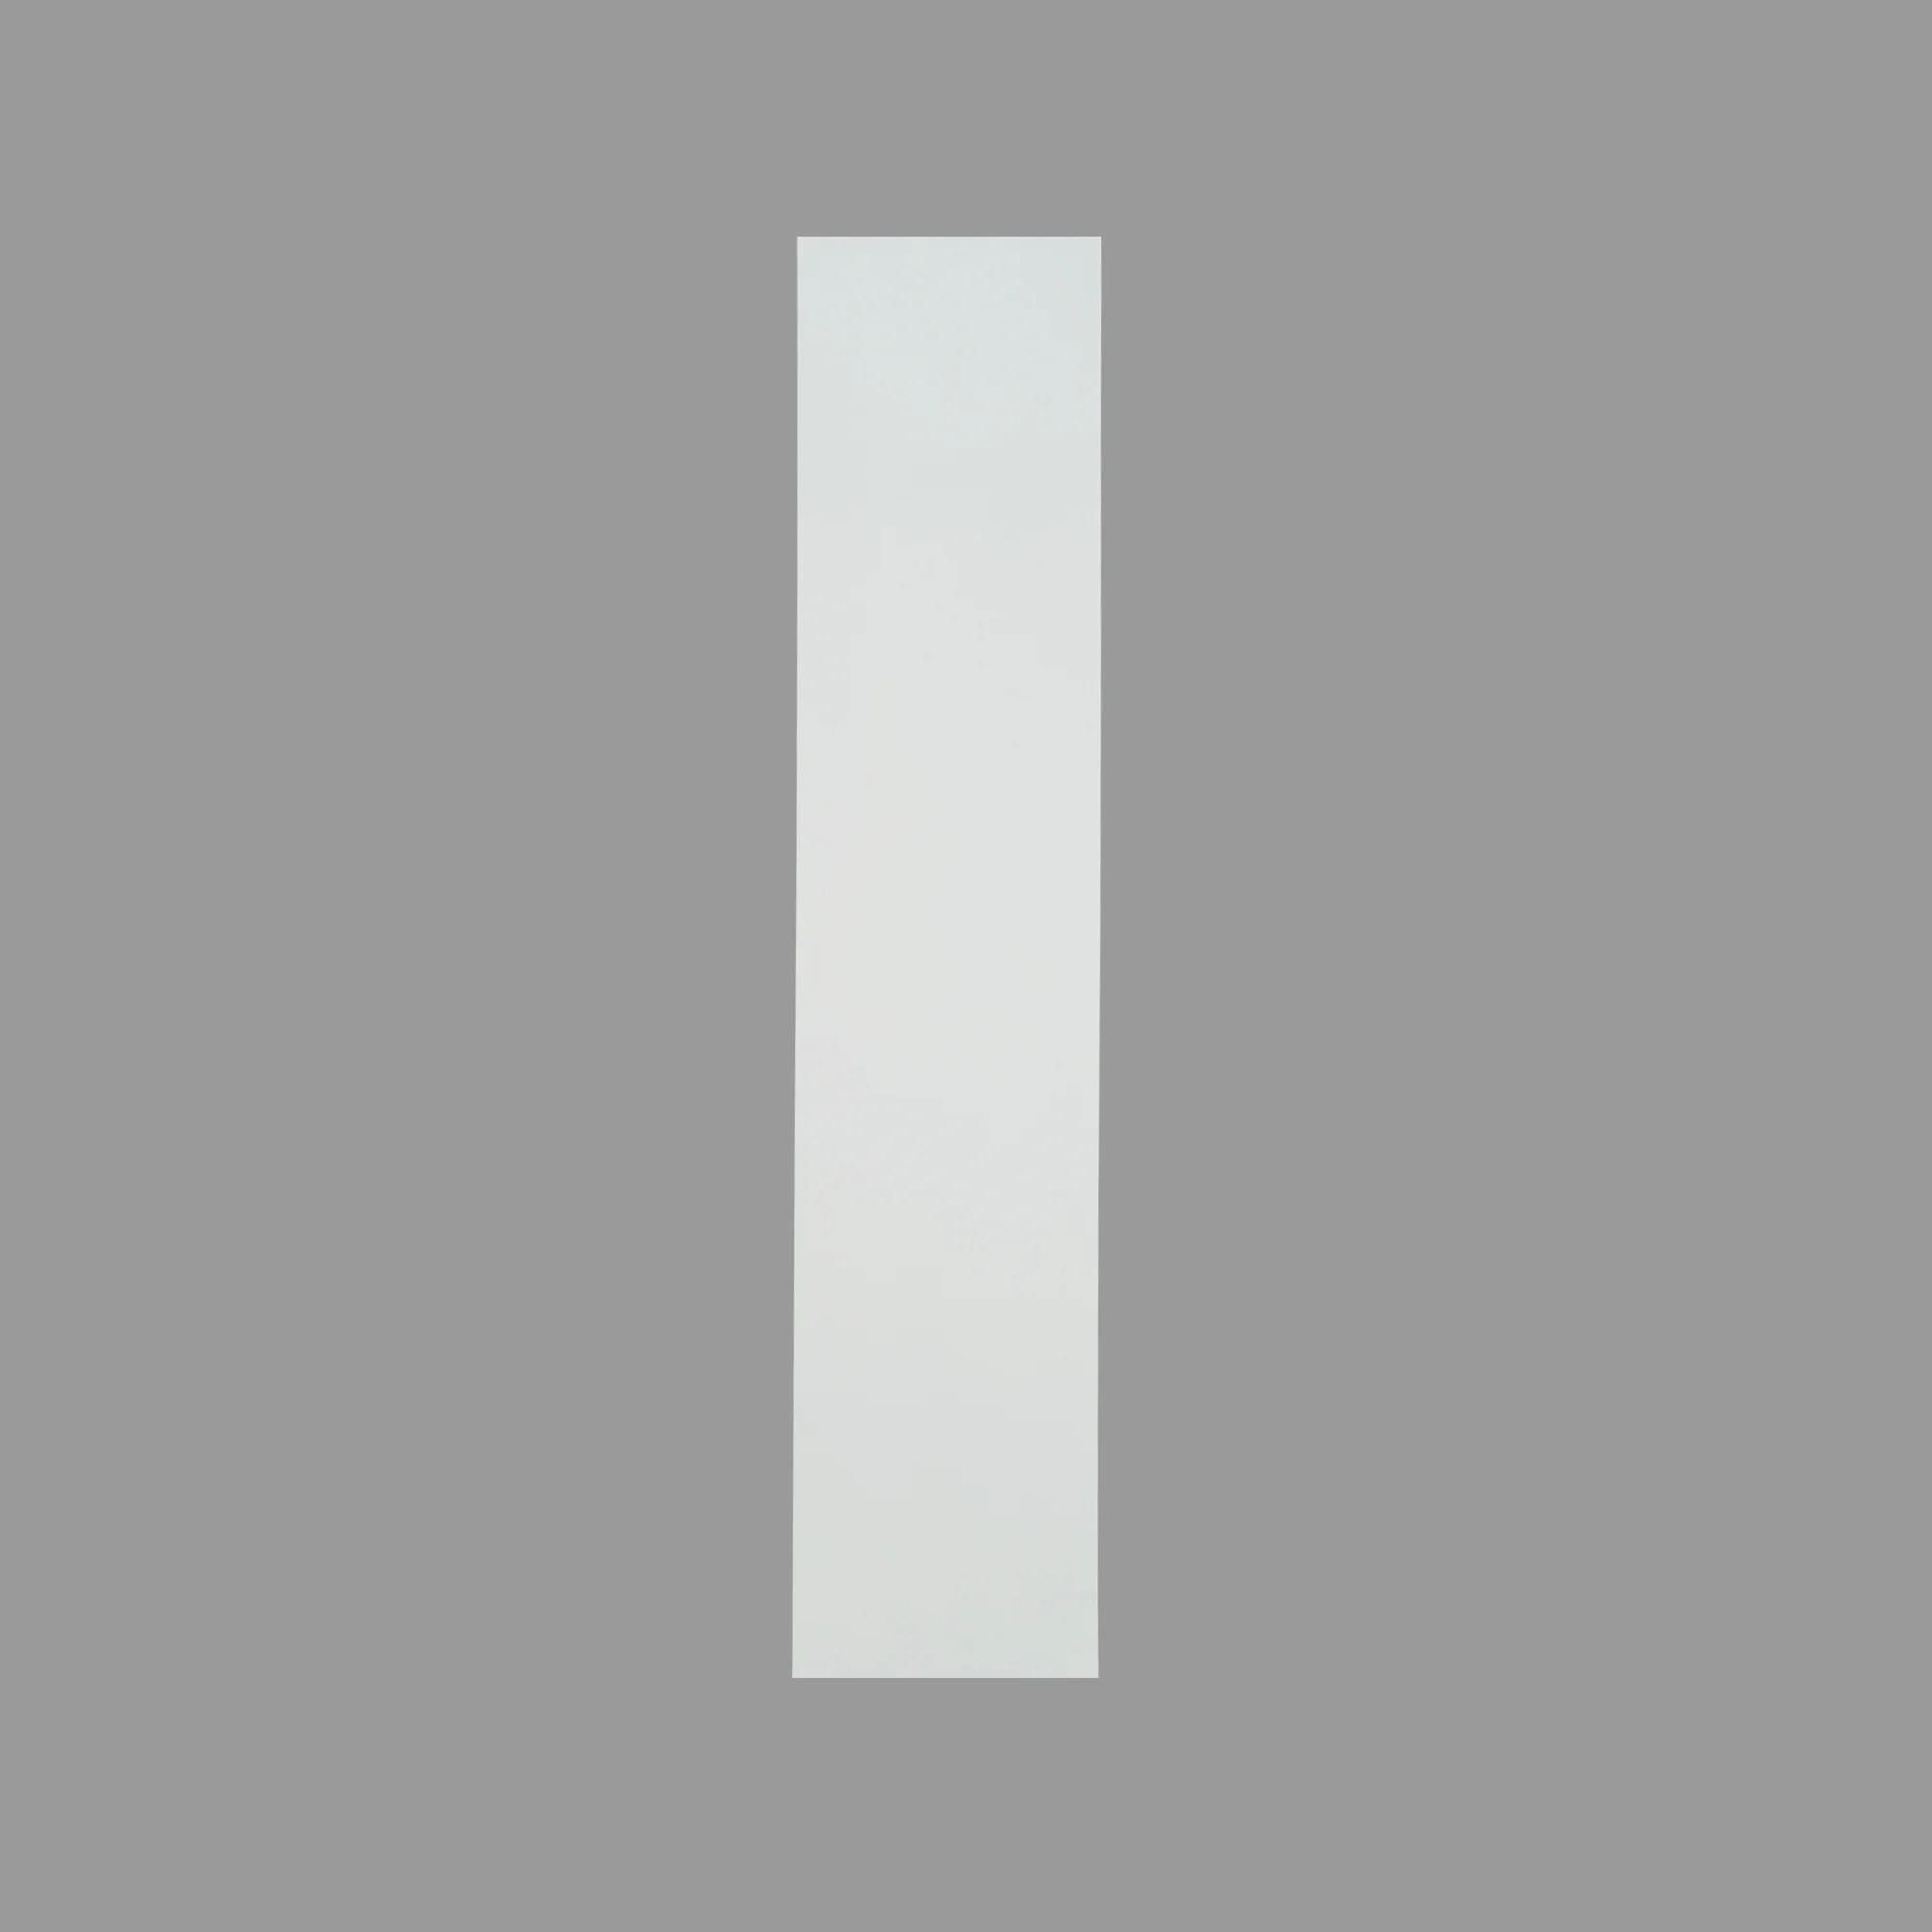 panneau japonais inspire blanc h 250 x l 50 cm